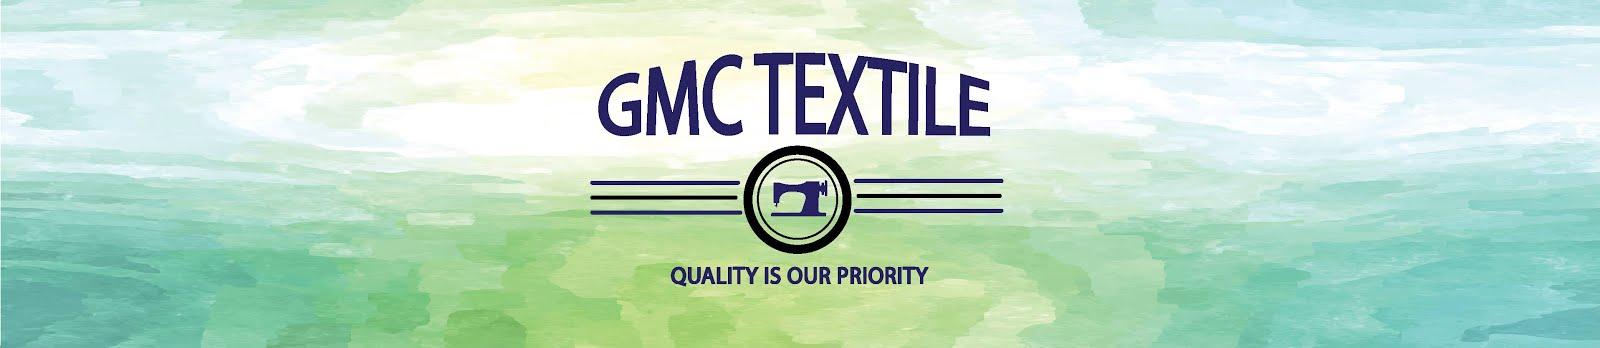 GMC TEXTILE